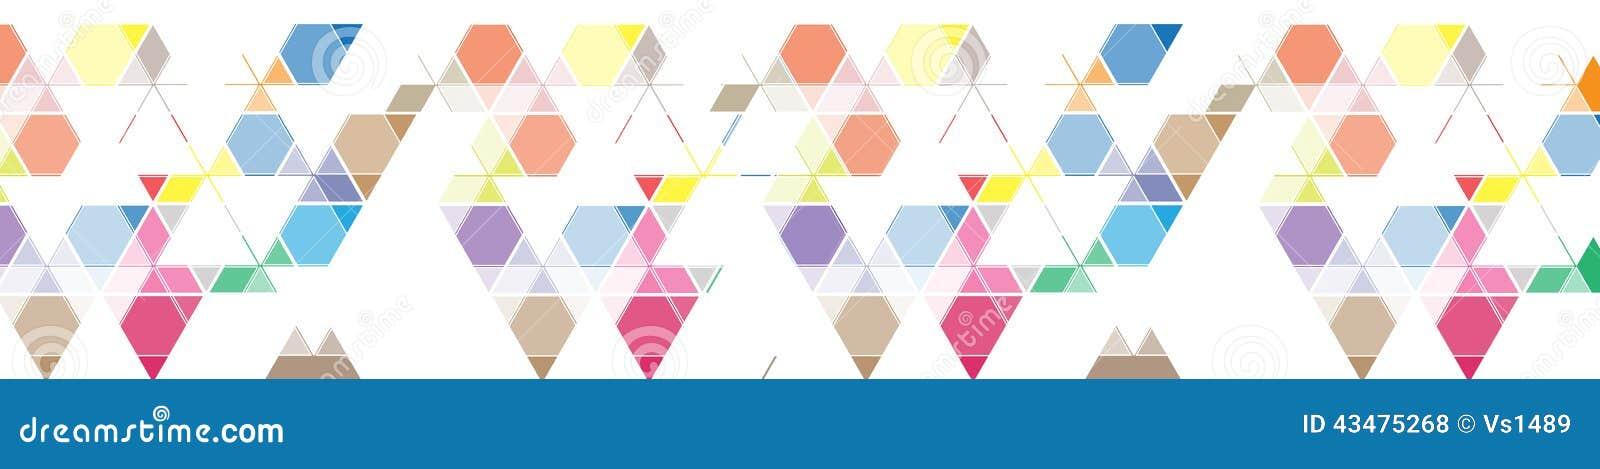 Bandeira abstrata do fundo do triângulo da malha da cor para o encabeçamento do local